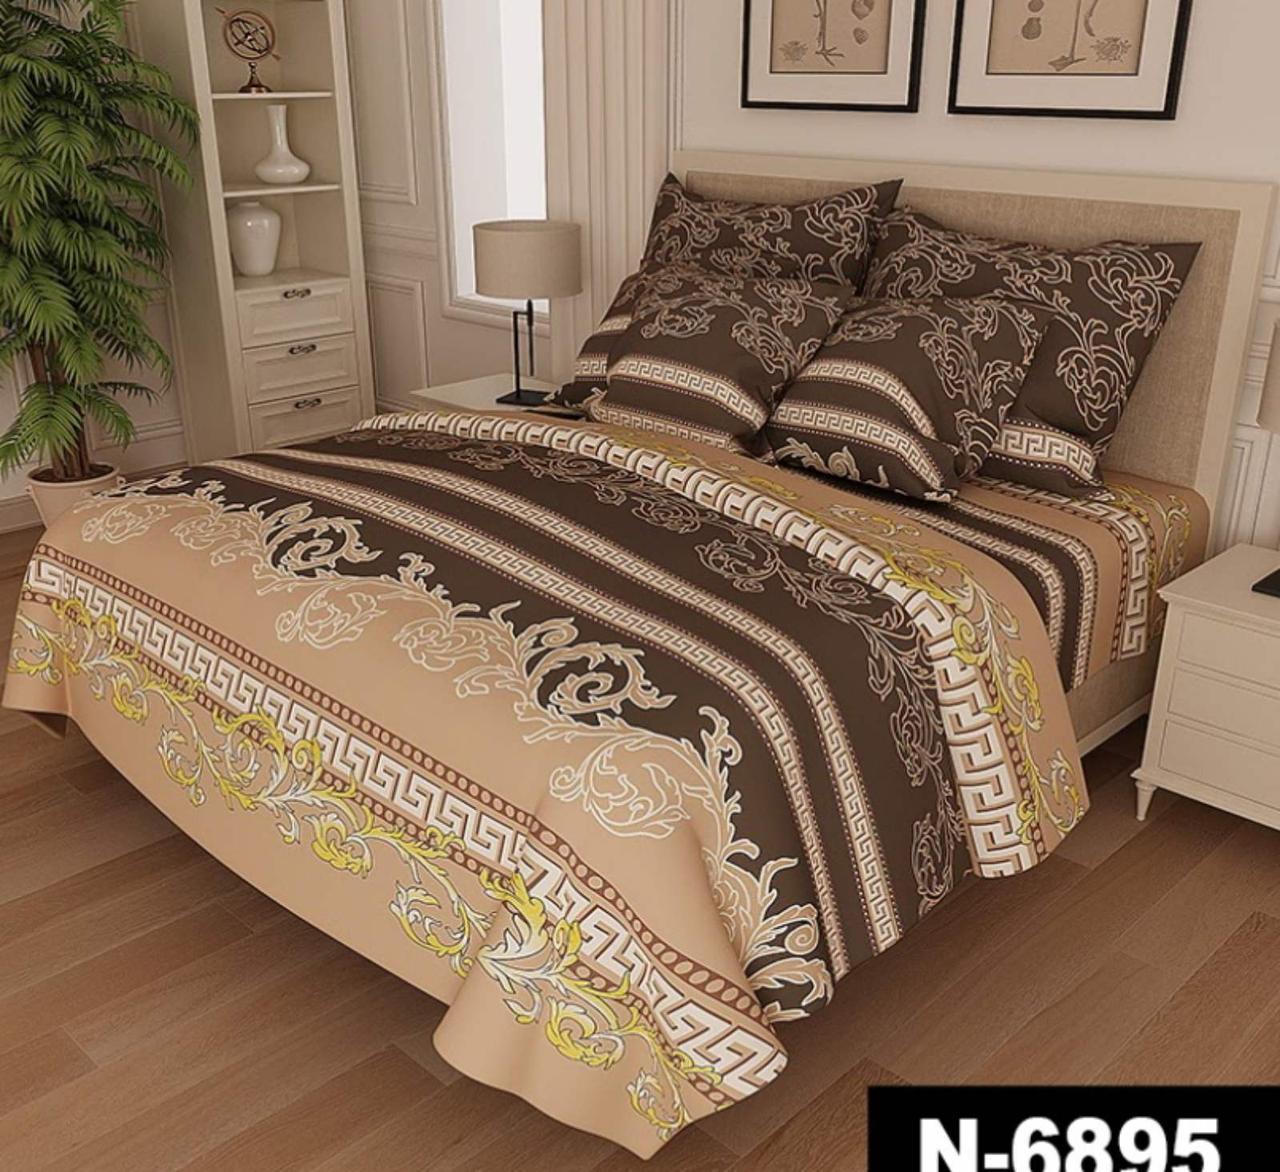 Комплект постельного белья Версаче Бязь  GOLD 100% хлопок Бежевого цвета